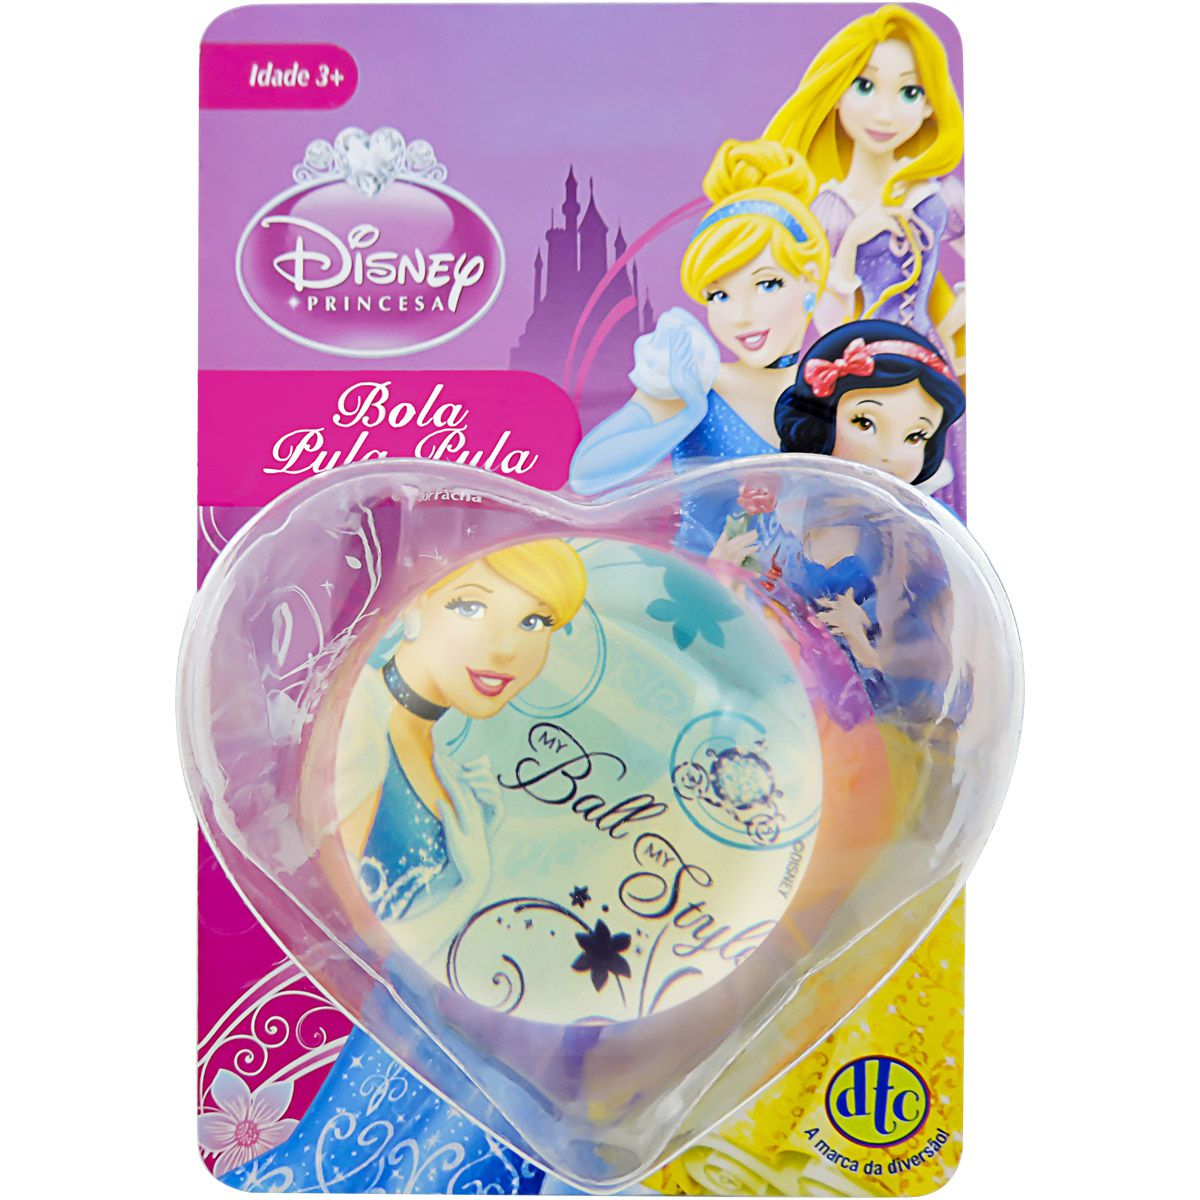 Bolinha de Silicone Importada com Cinderela Princesa Disney